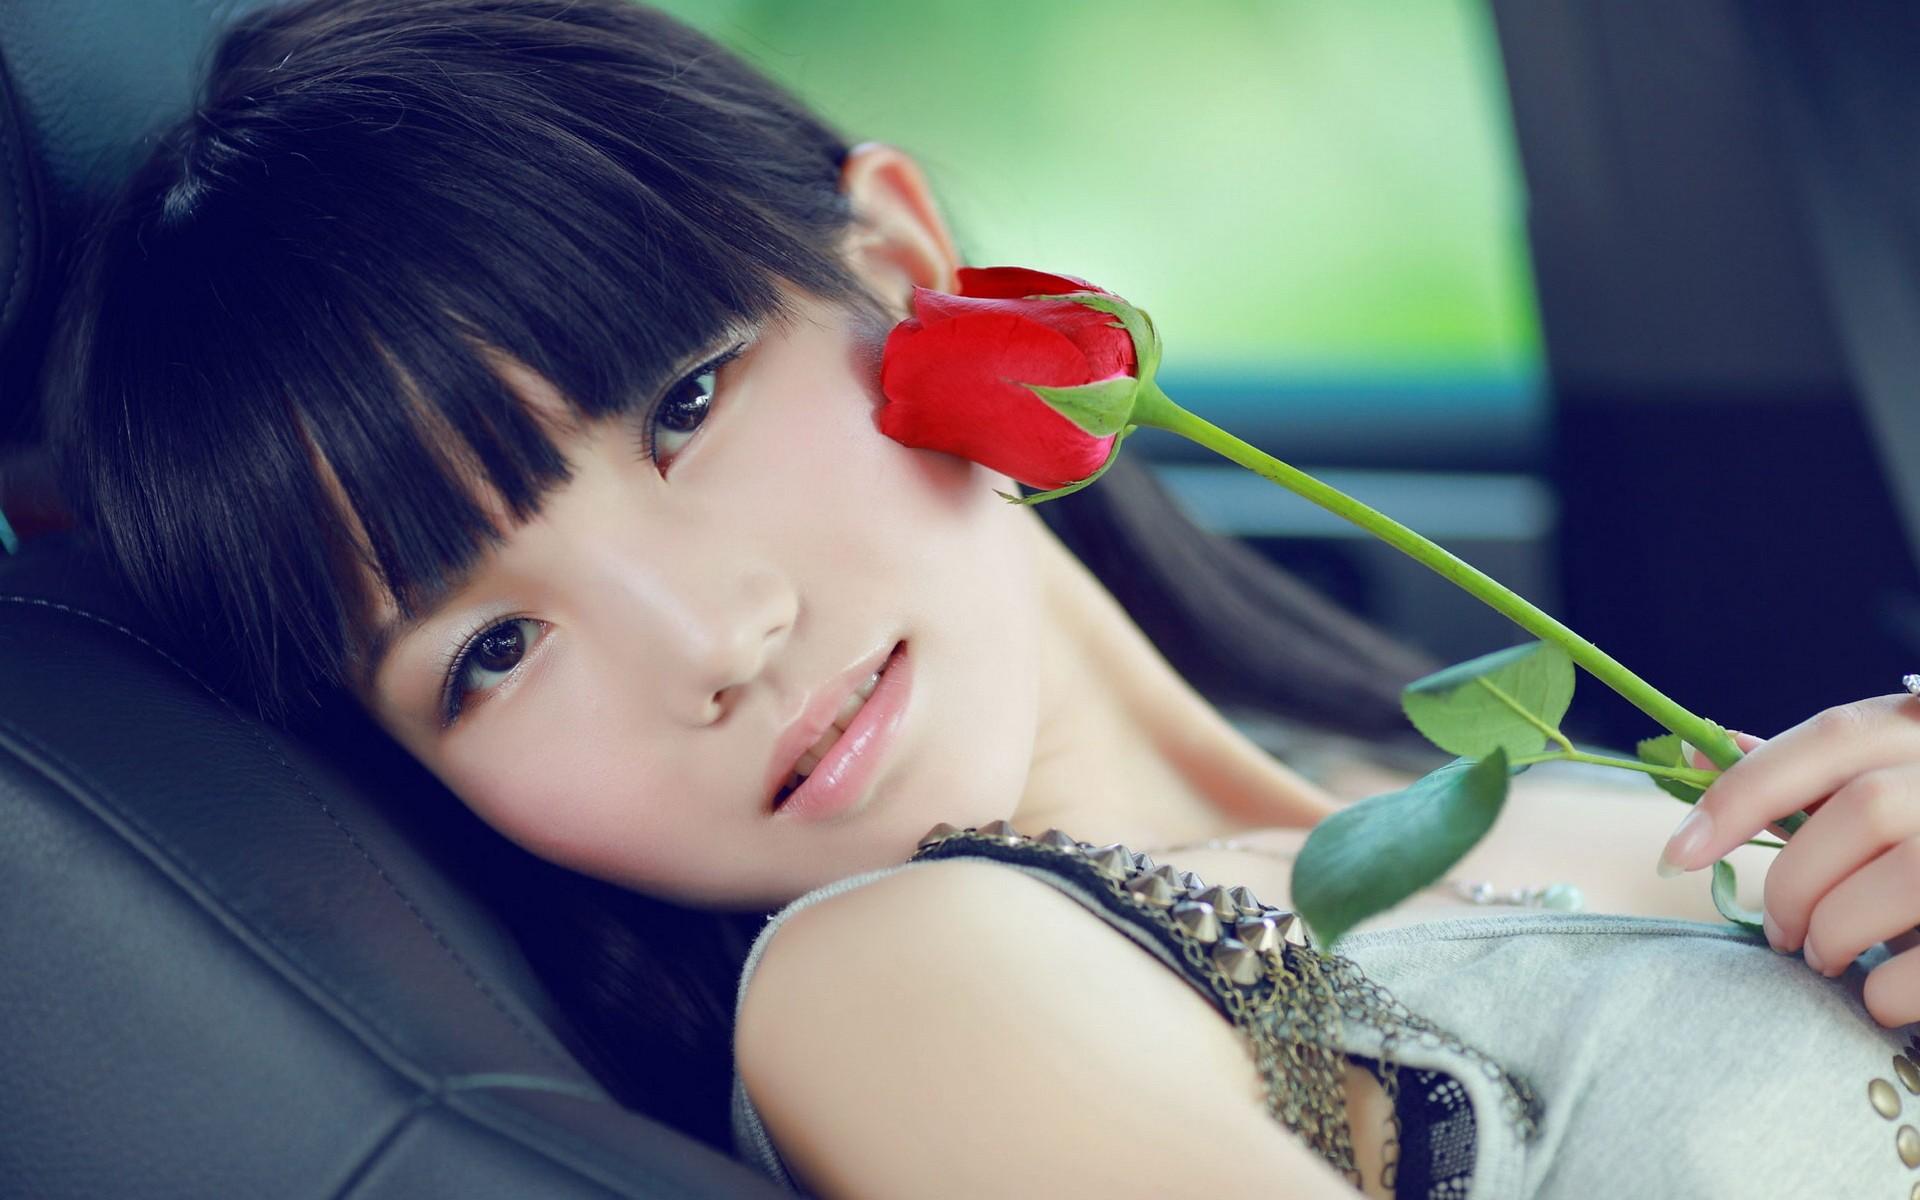 Una asiatica y una rosa roja - 1920x1200